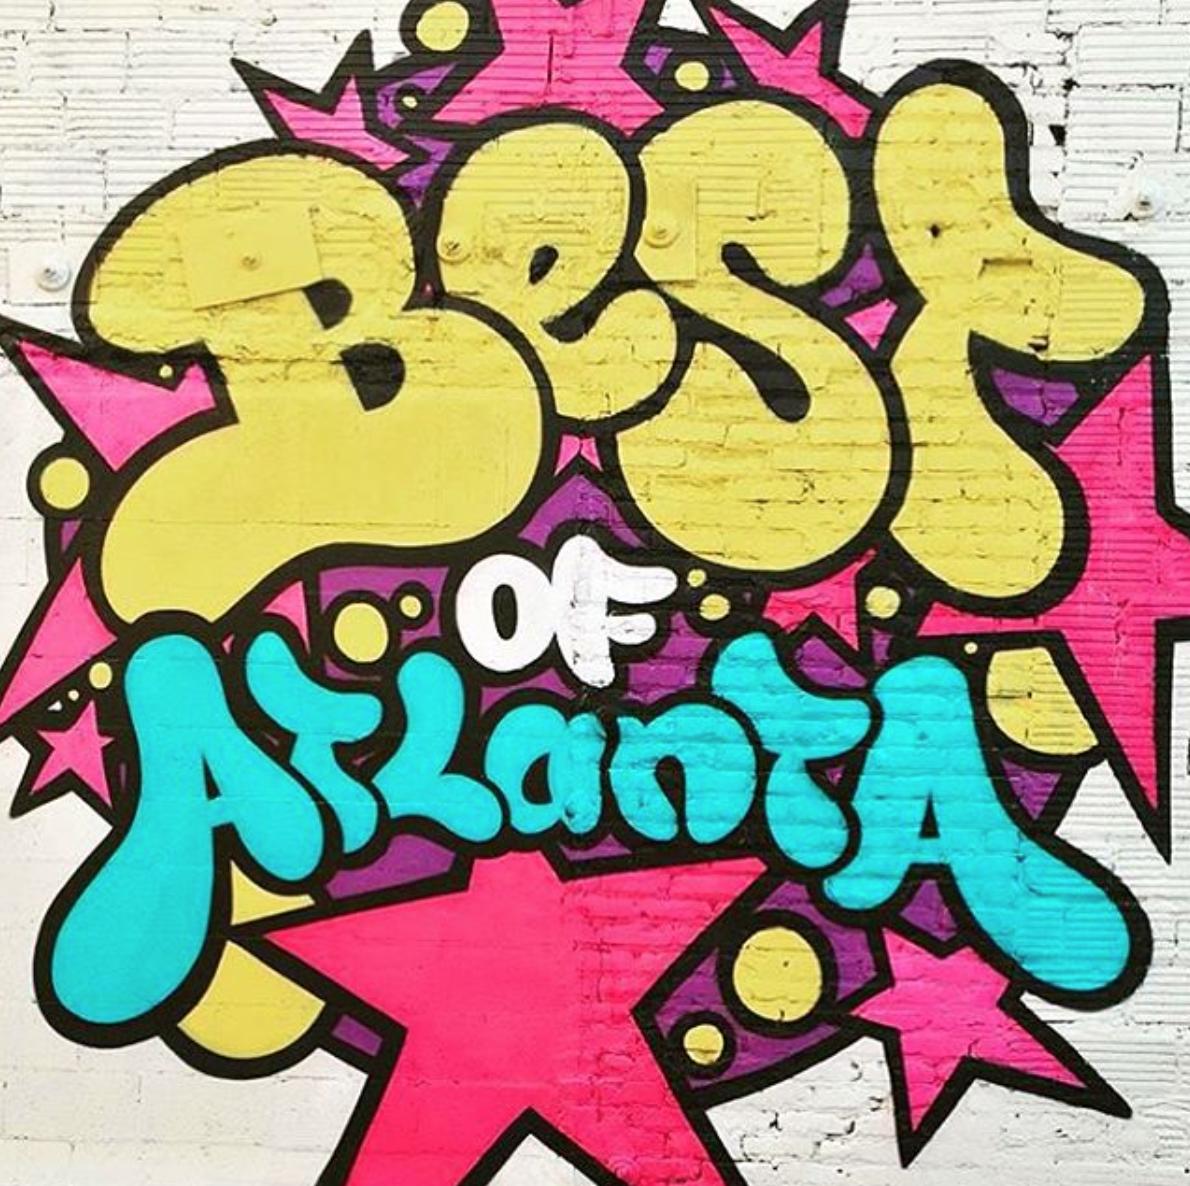 Best Of Atlanta - Paris On Ponce